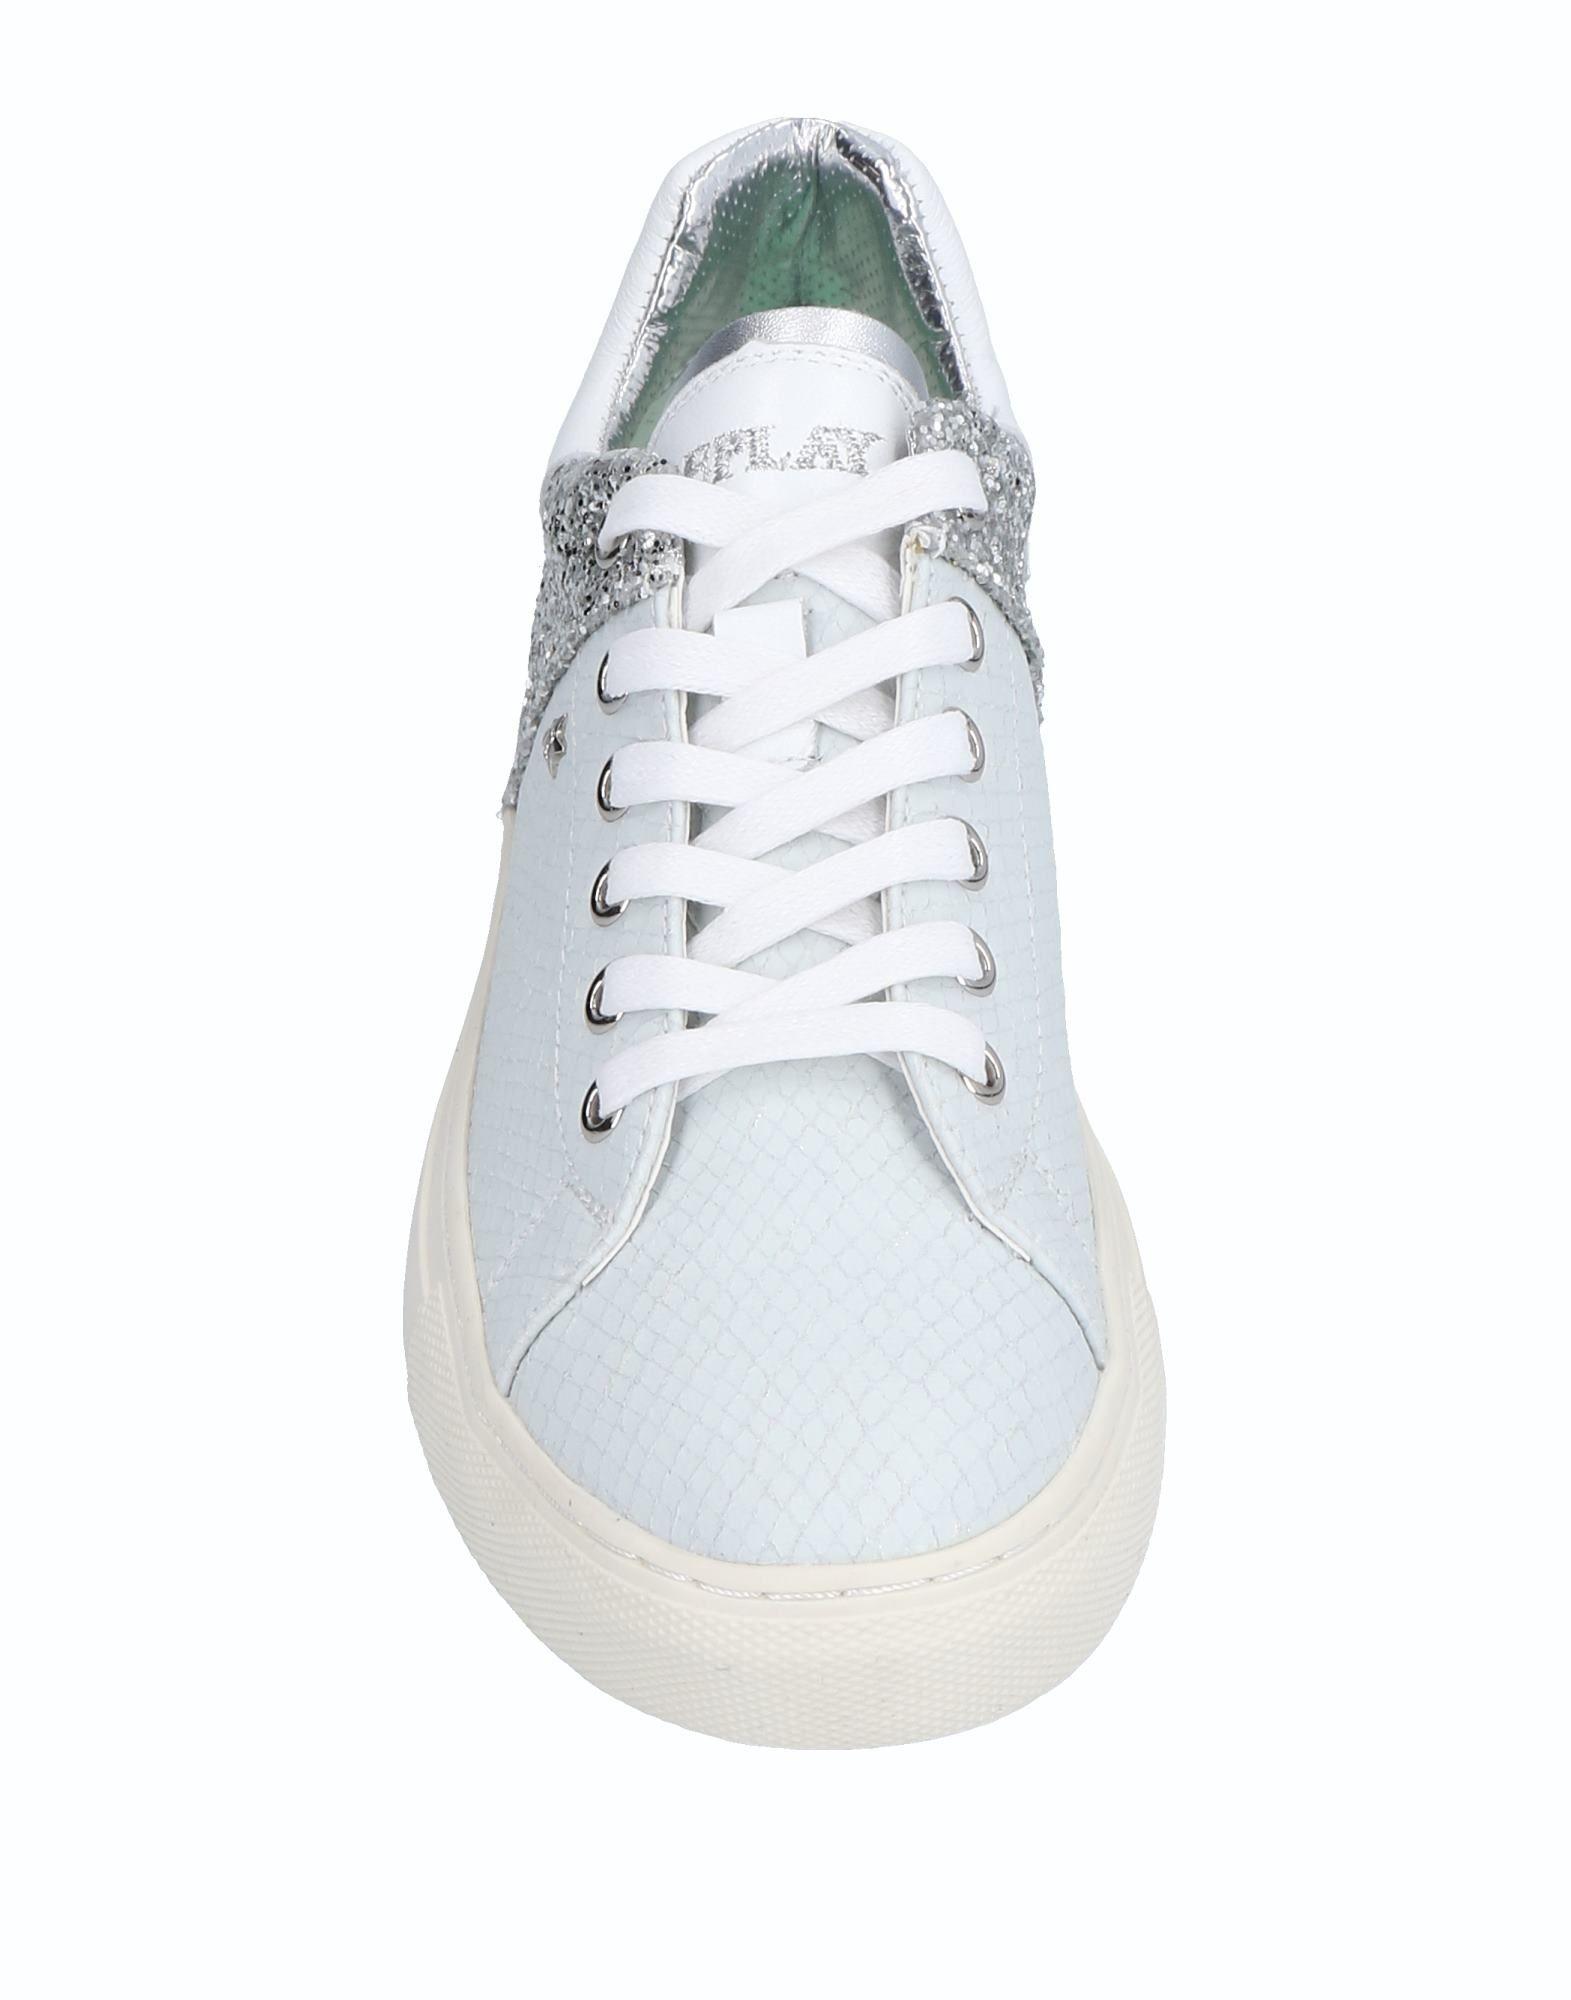 Replay Sneakers Damen  11514254RA 11514254RA 11514254RA Gute Qualität beliebte Schuhe 3448d0